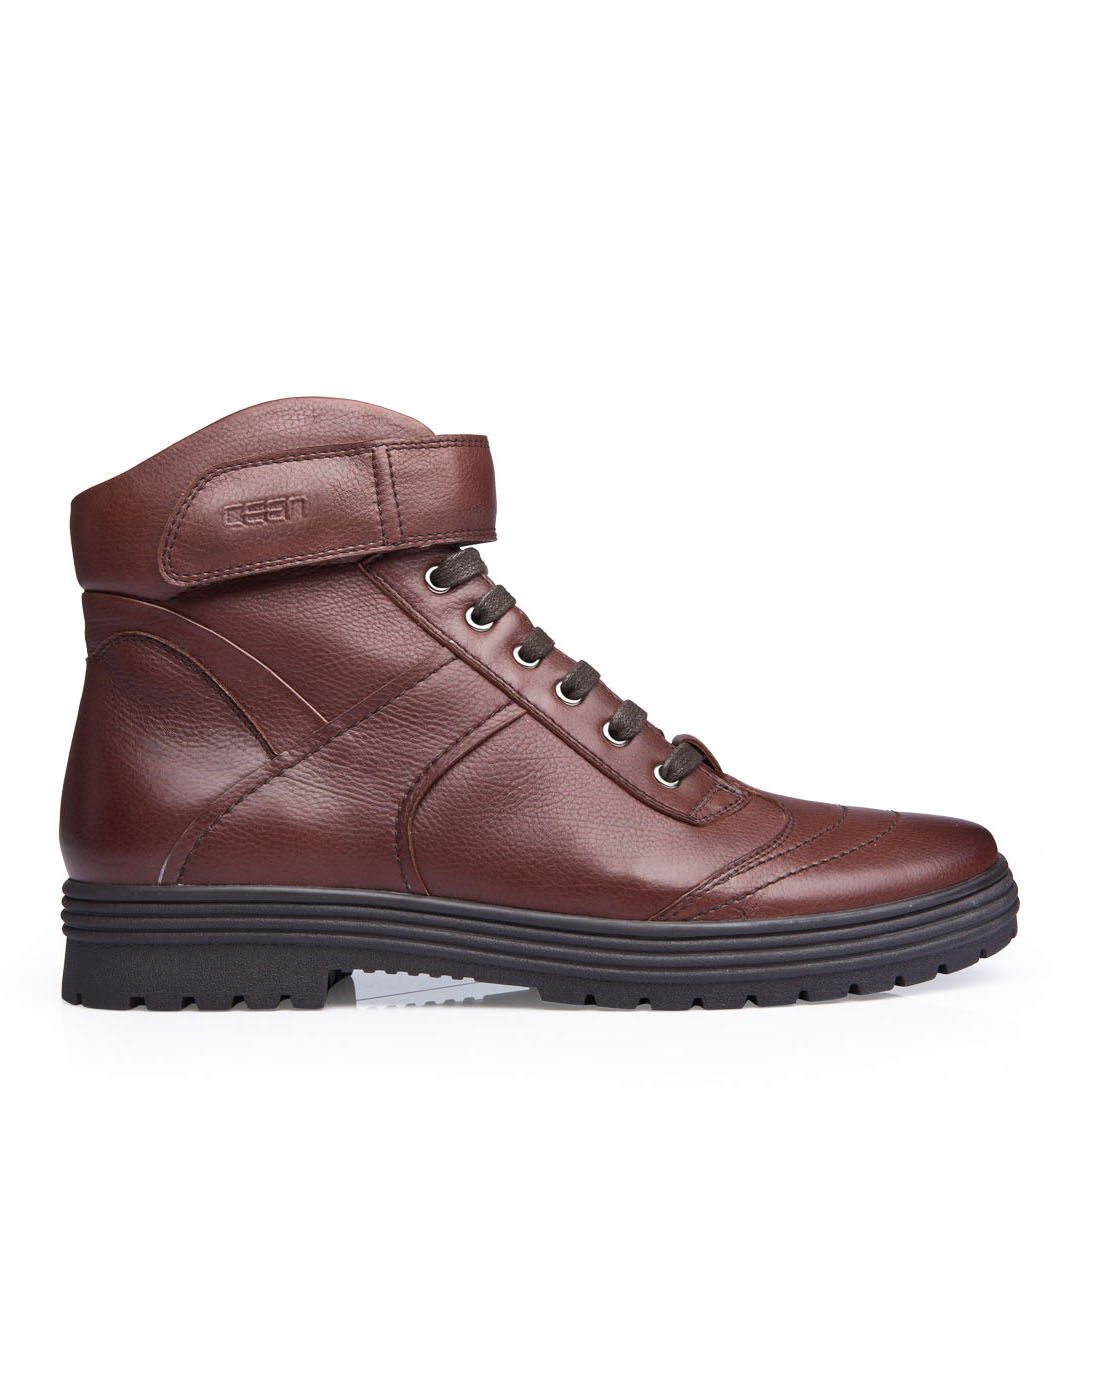 策恩ceen棕色牛皮英伦男式靴子军靴马丁靴x0179b